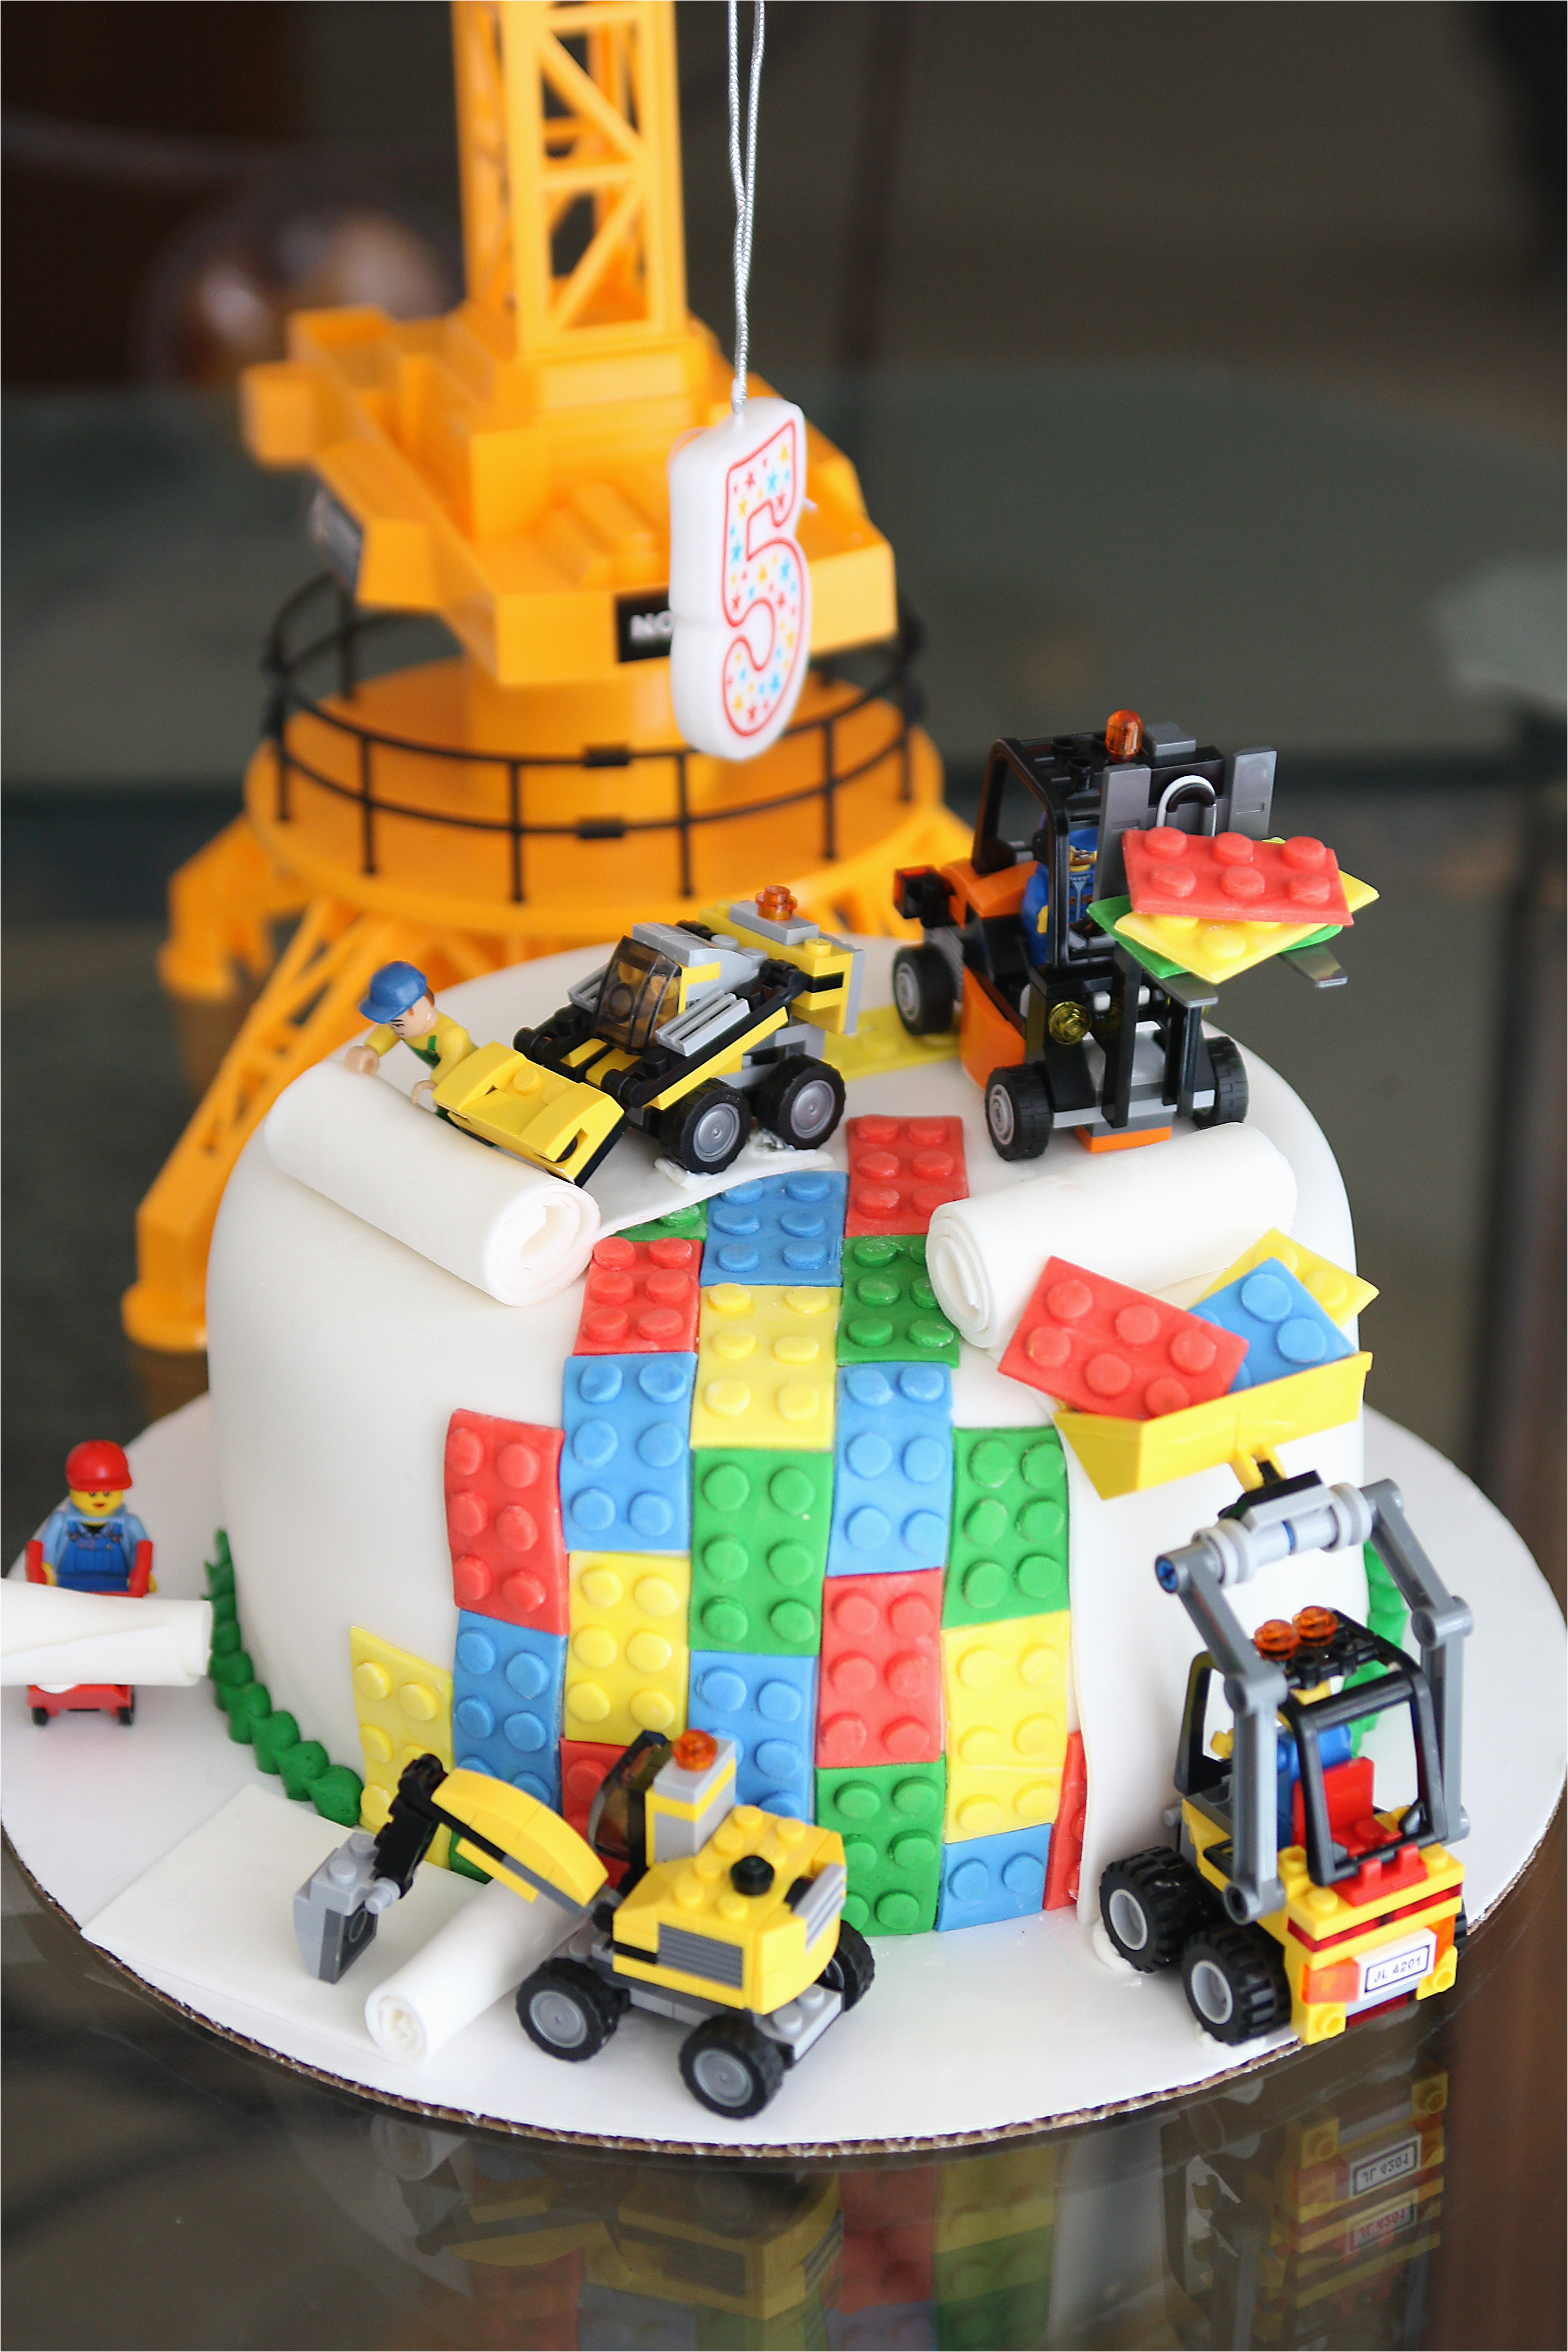 amazing lego cake little boy 5